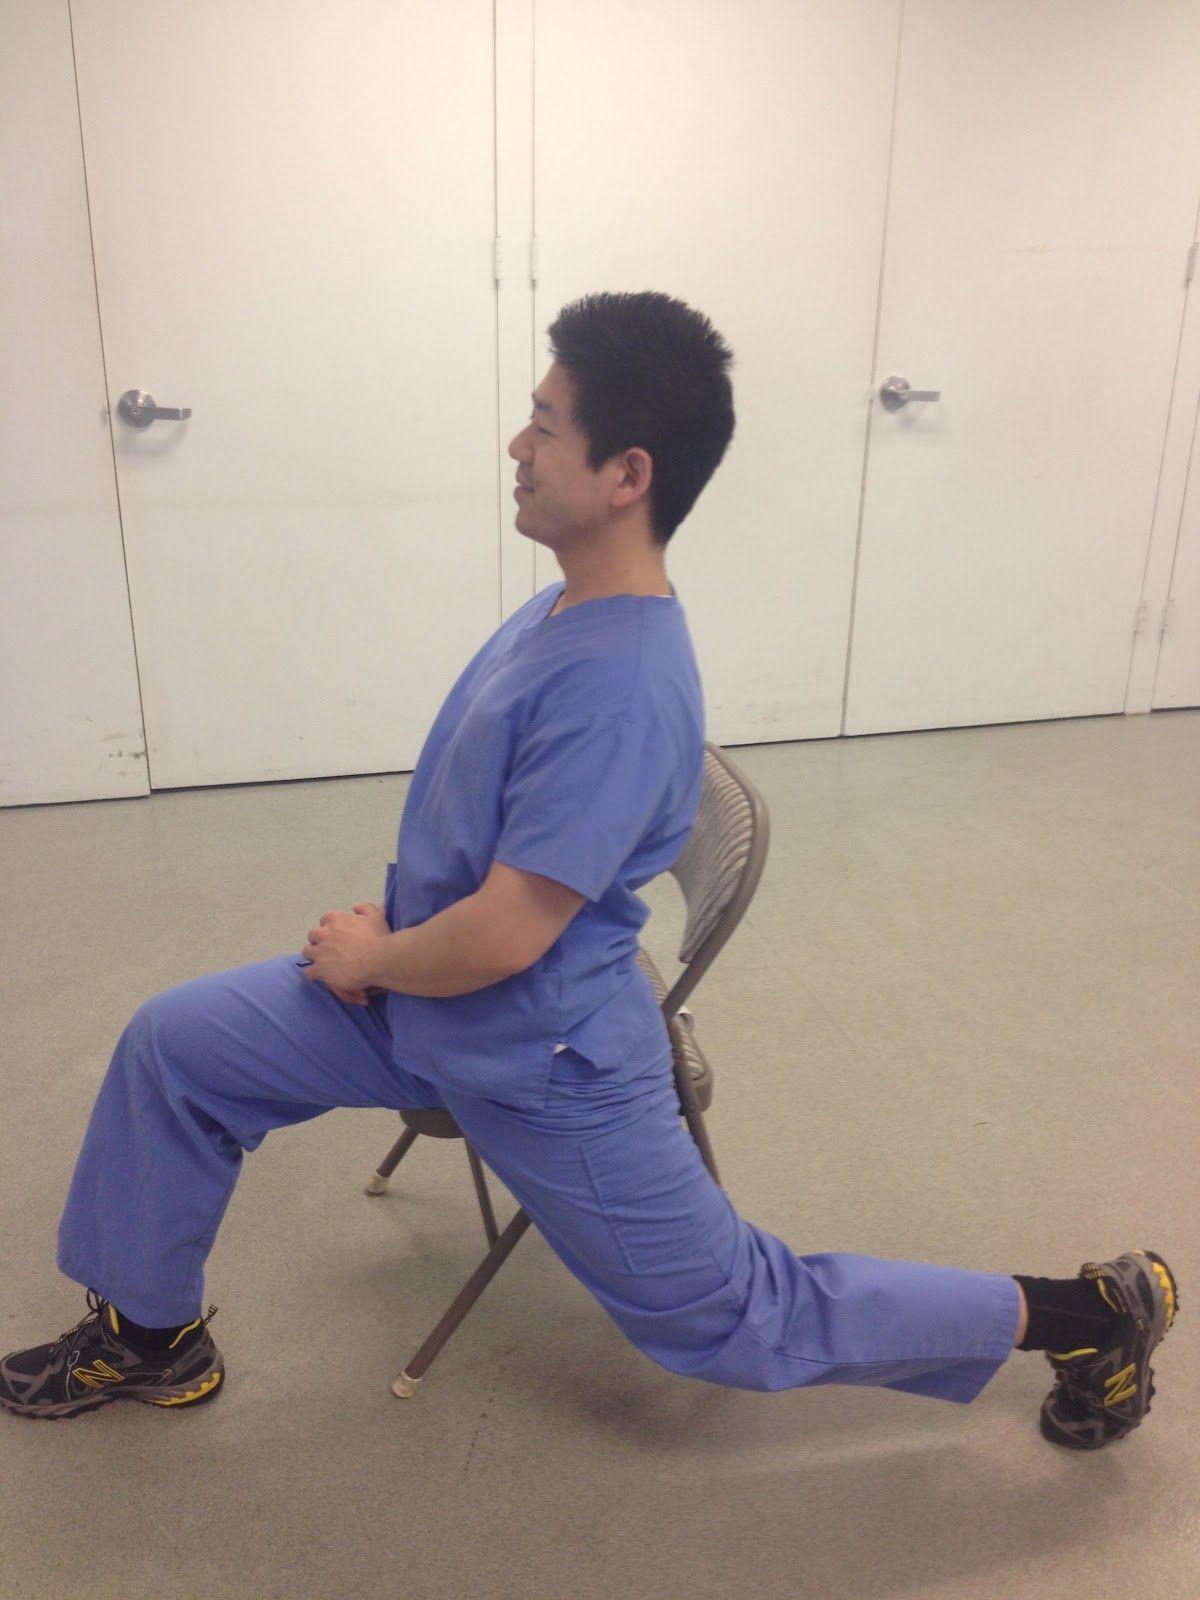 Hip flexor stretch without bending knee hip flexor